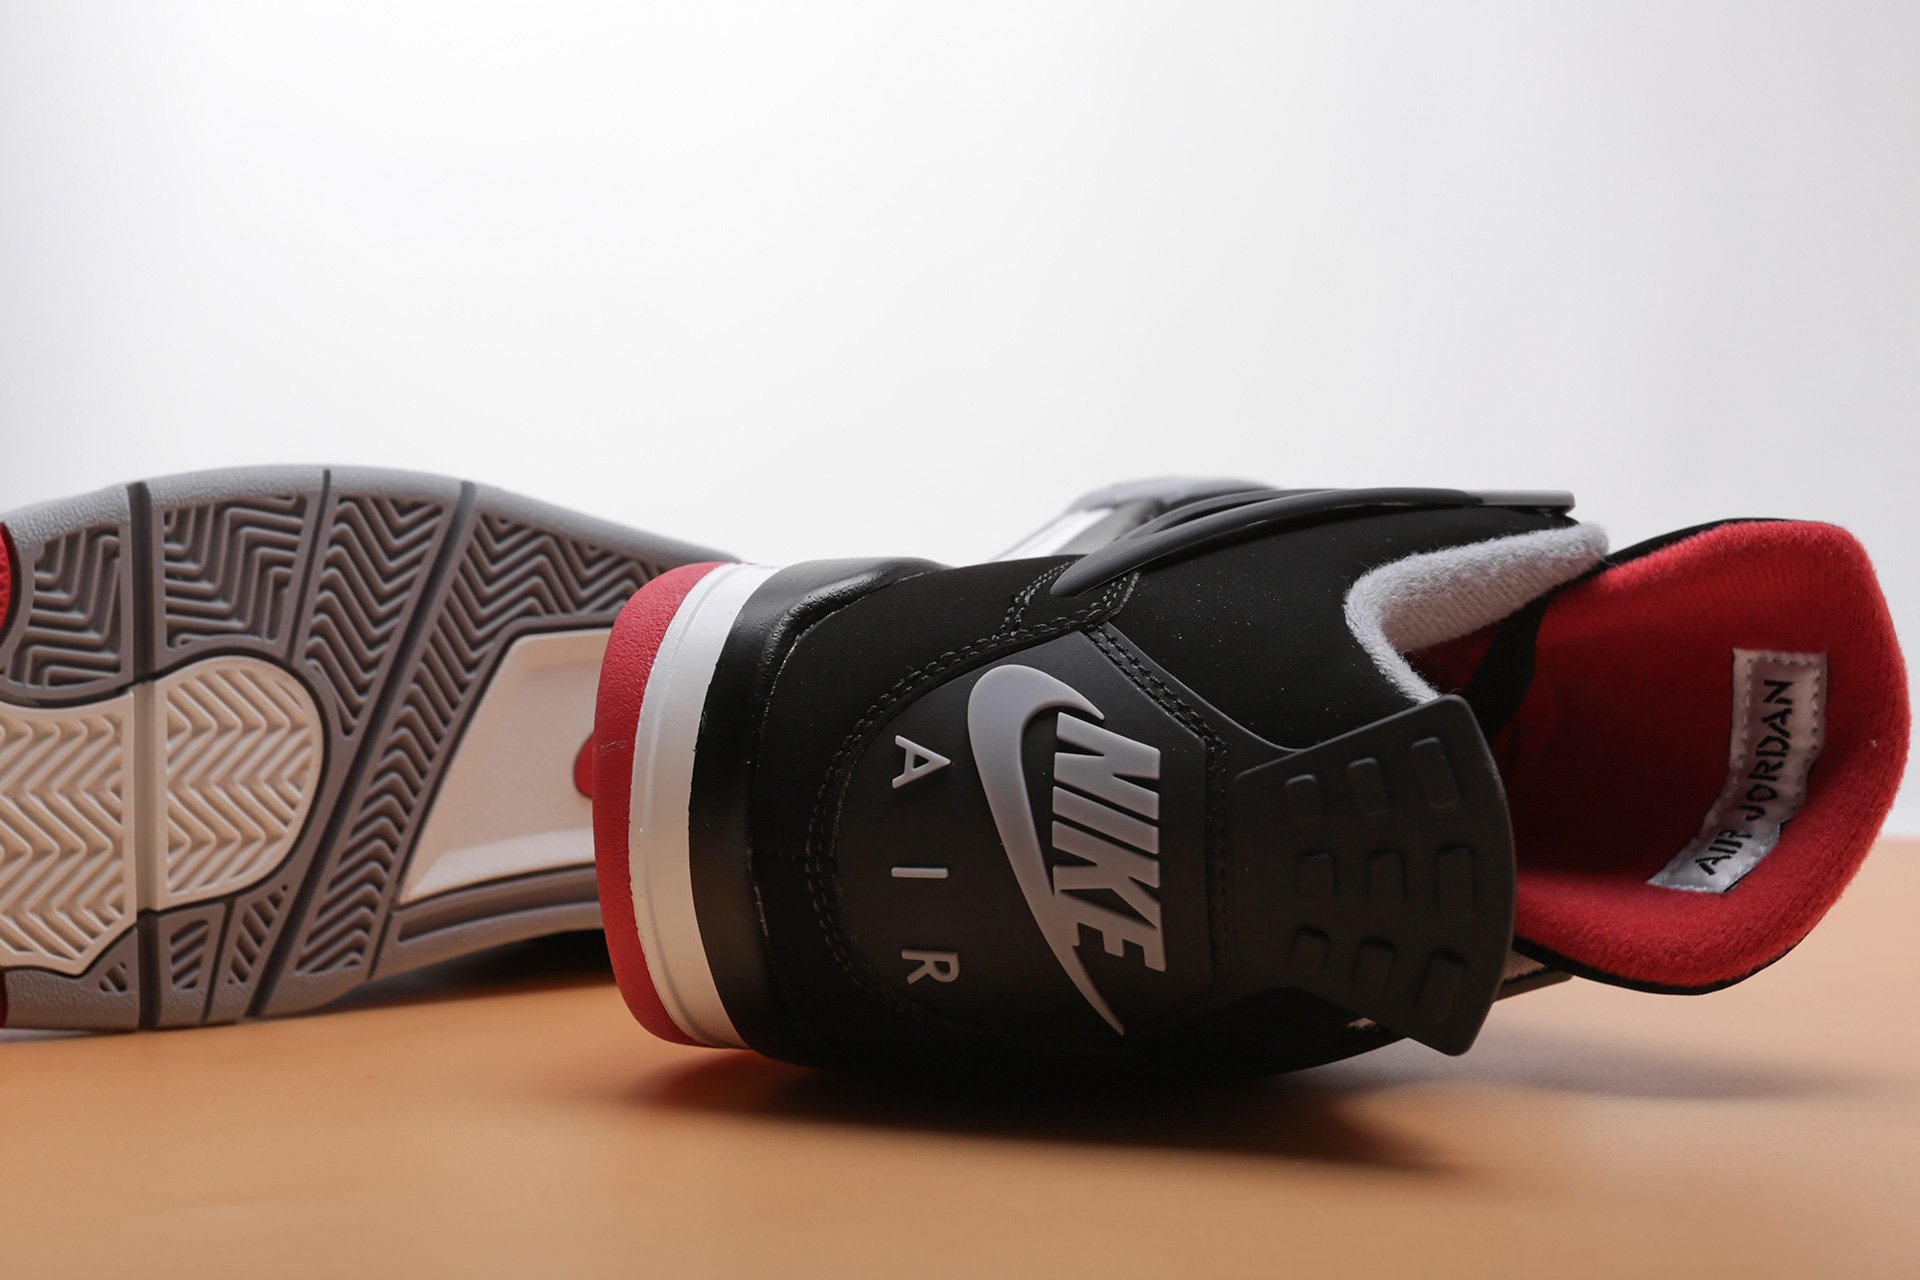 a5231ee4a3e Кроссовки Jordan (Джордан) купить по цене от 2 250 рублей в интернет  магазине Sneakerhead